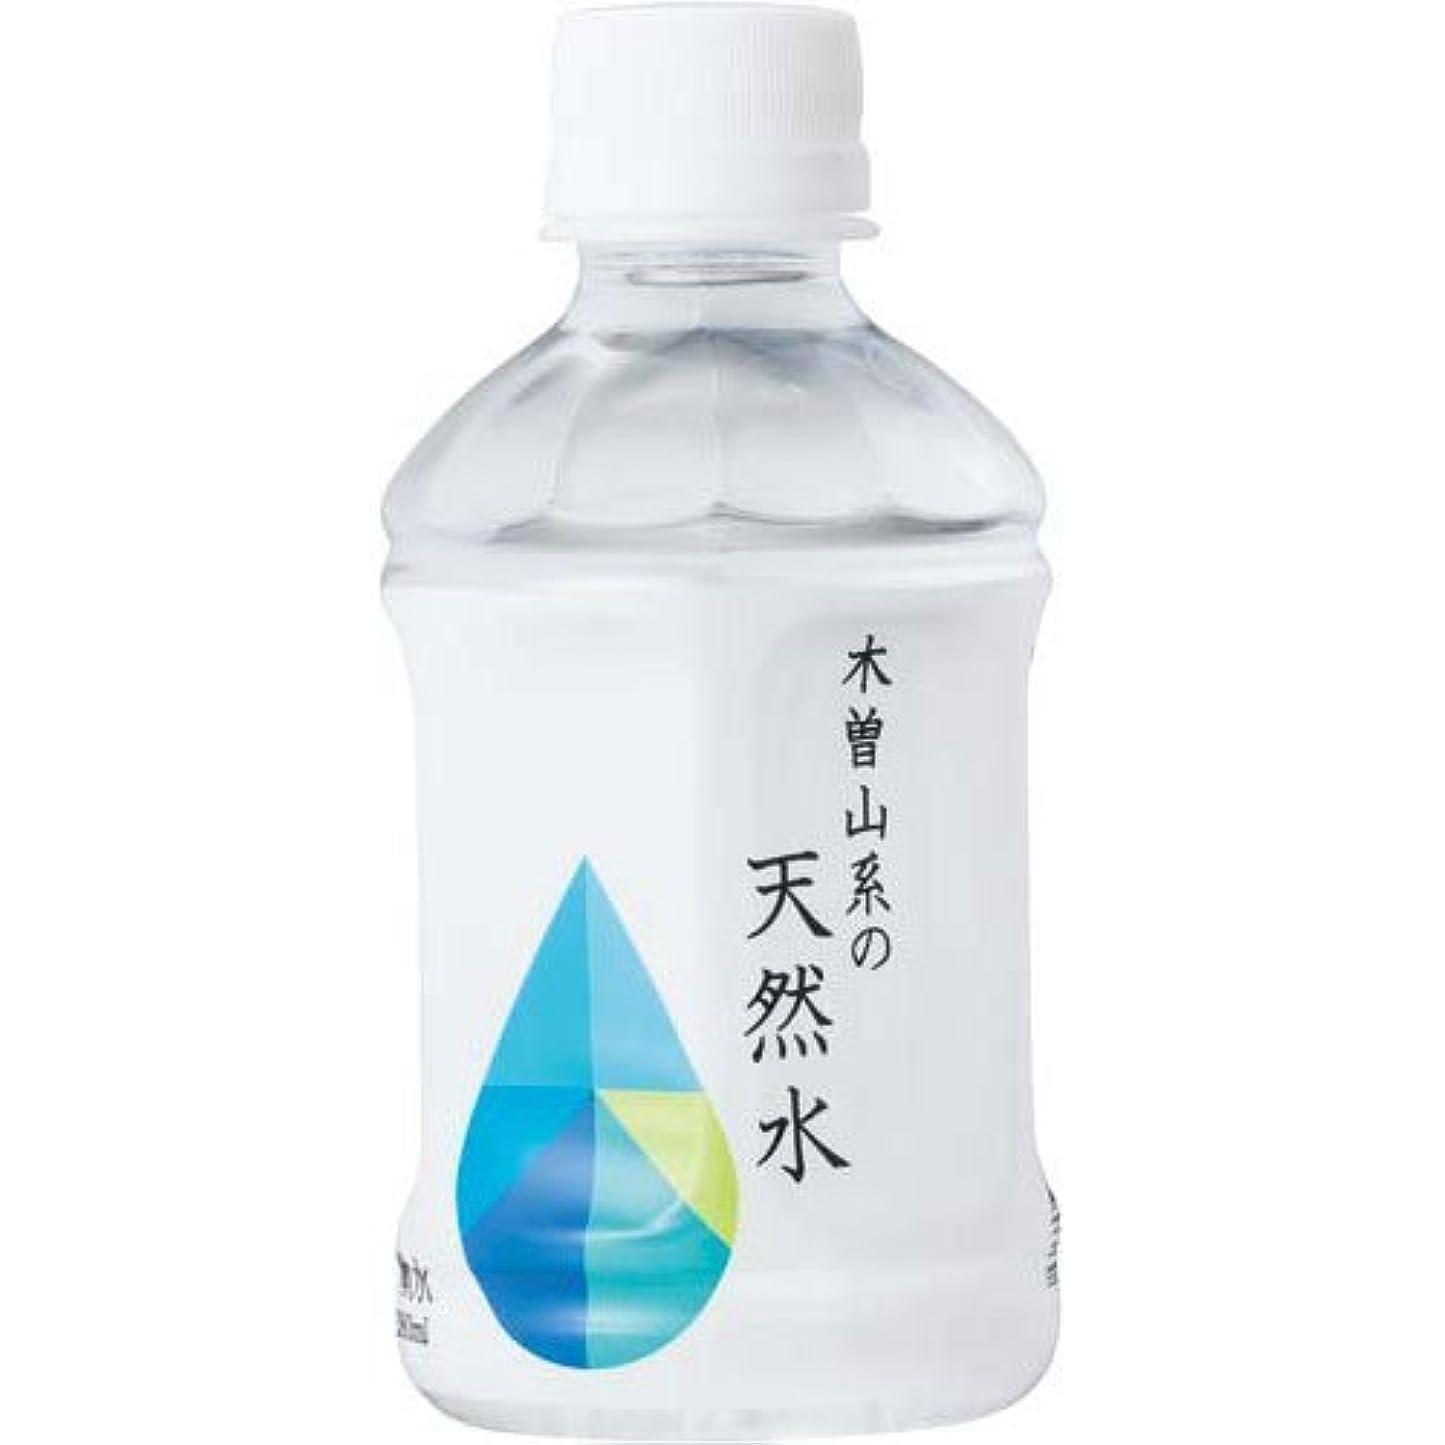 羽生産的人に関する限り勝水株式会社 木曽山系の天然水 280ml×96本